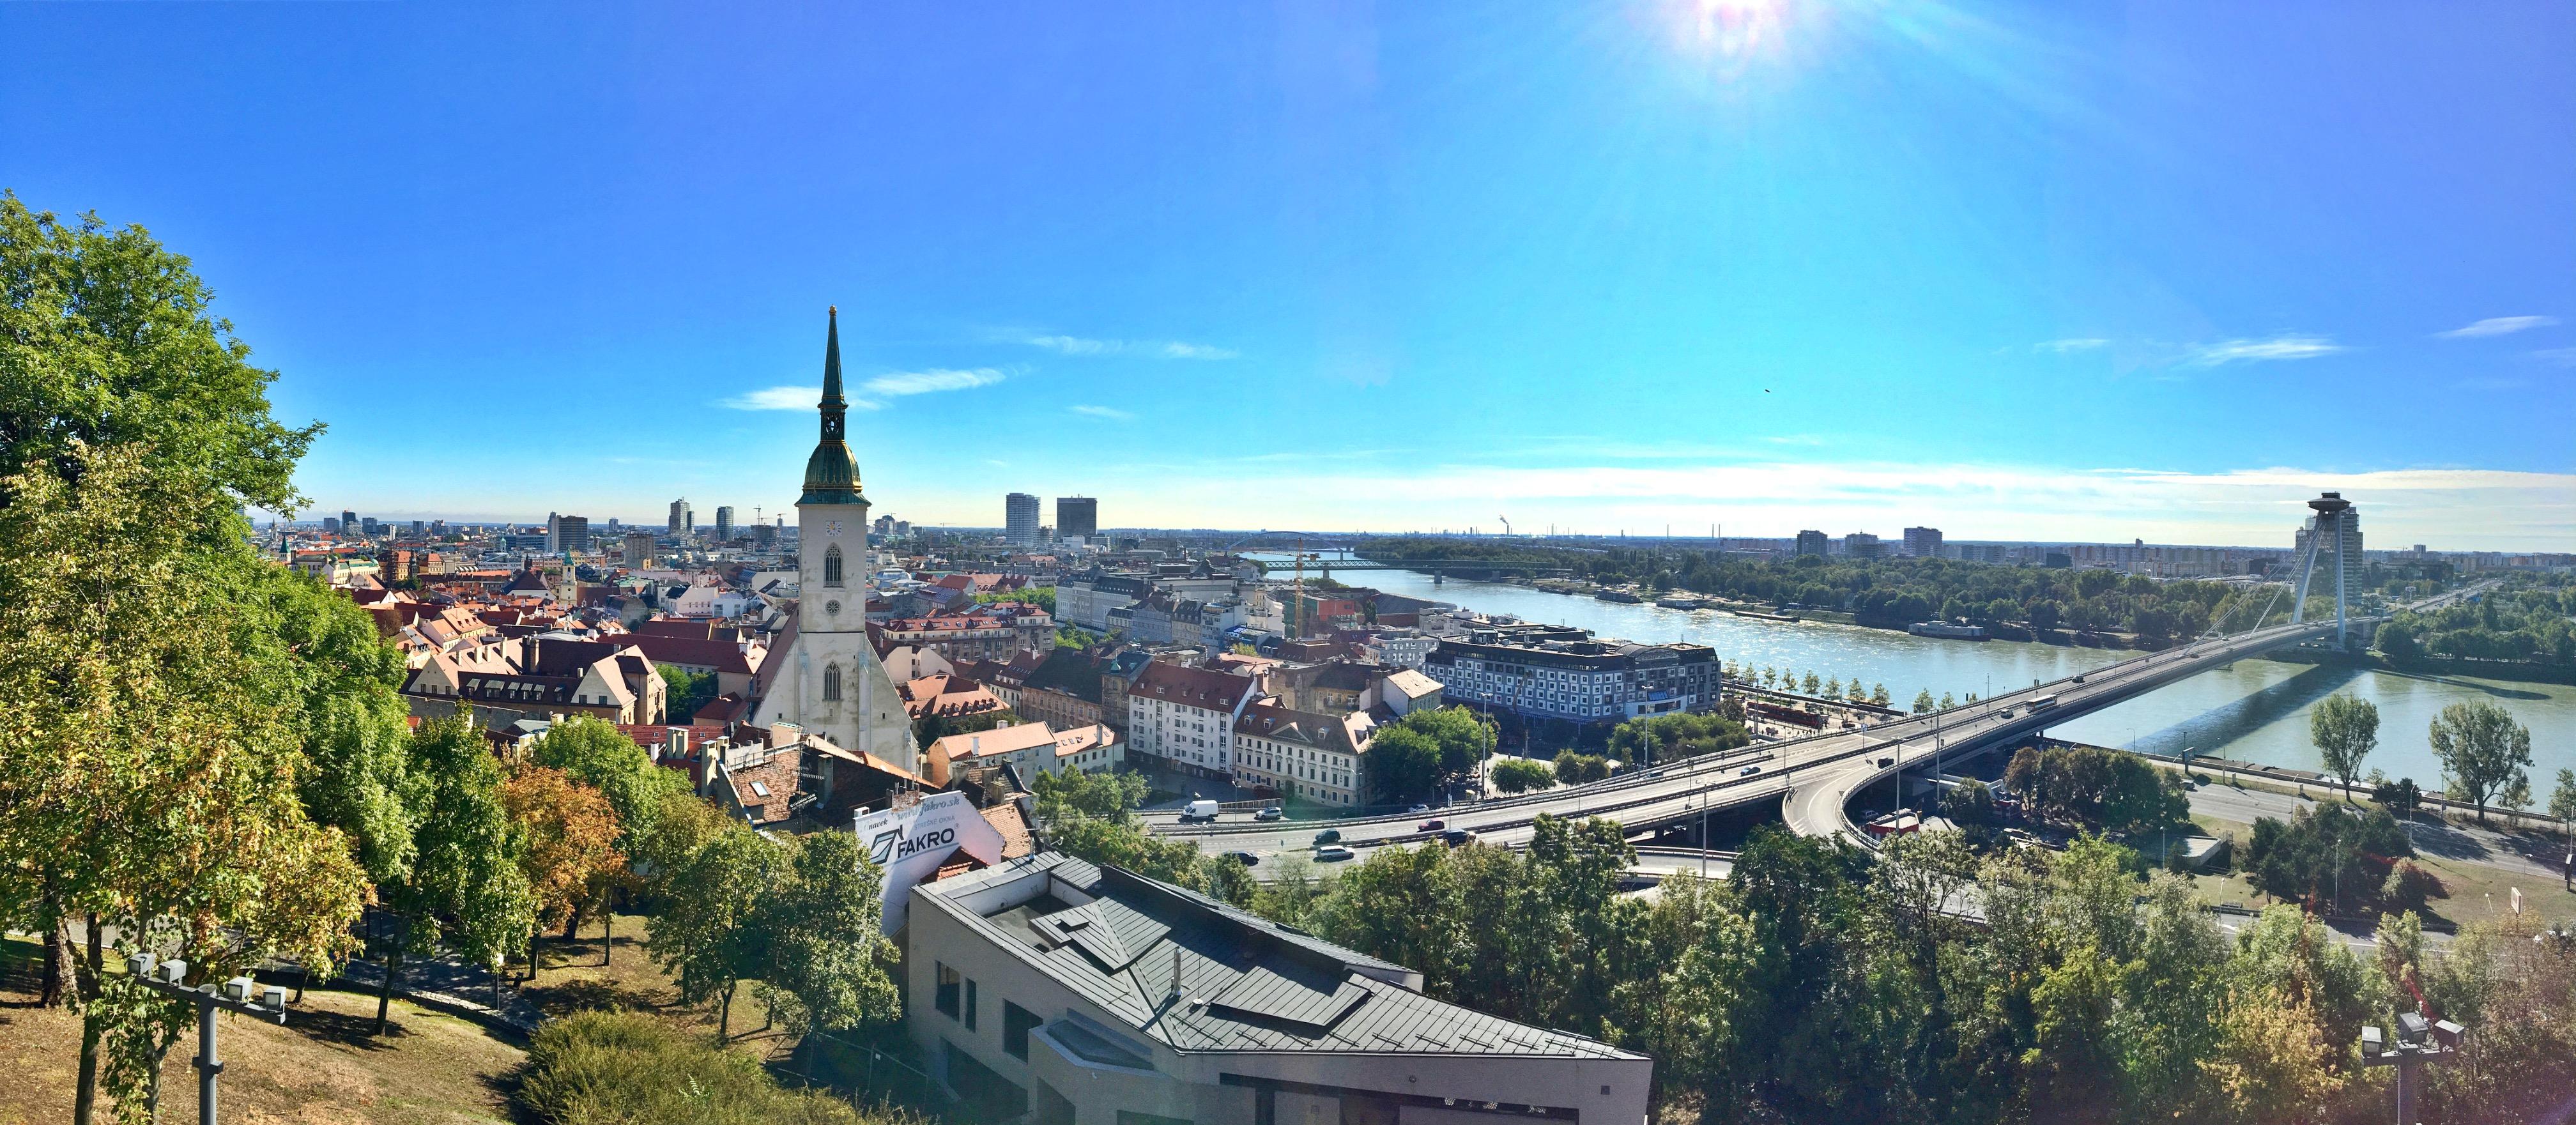 MГјnchen Bratislava